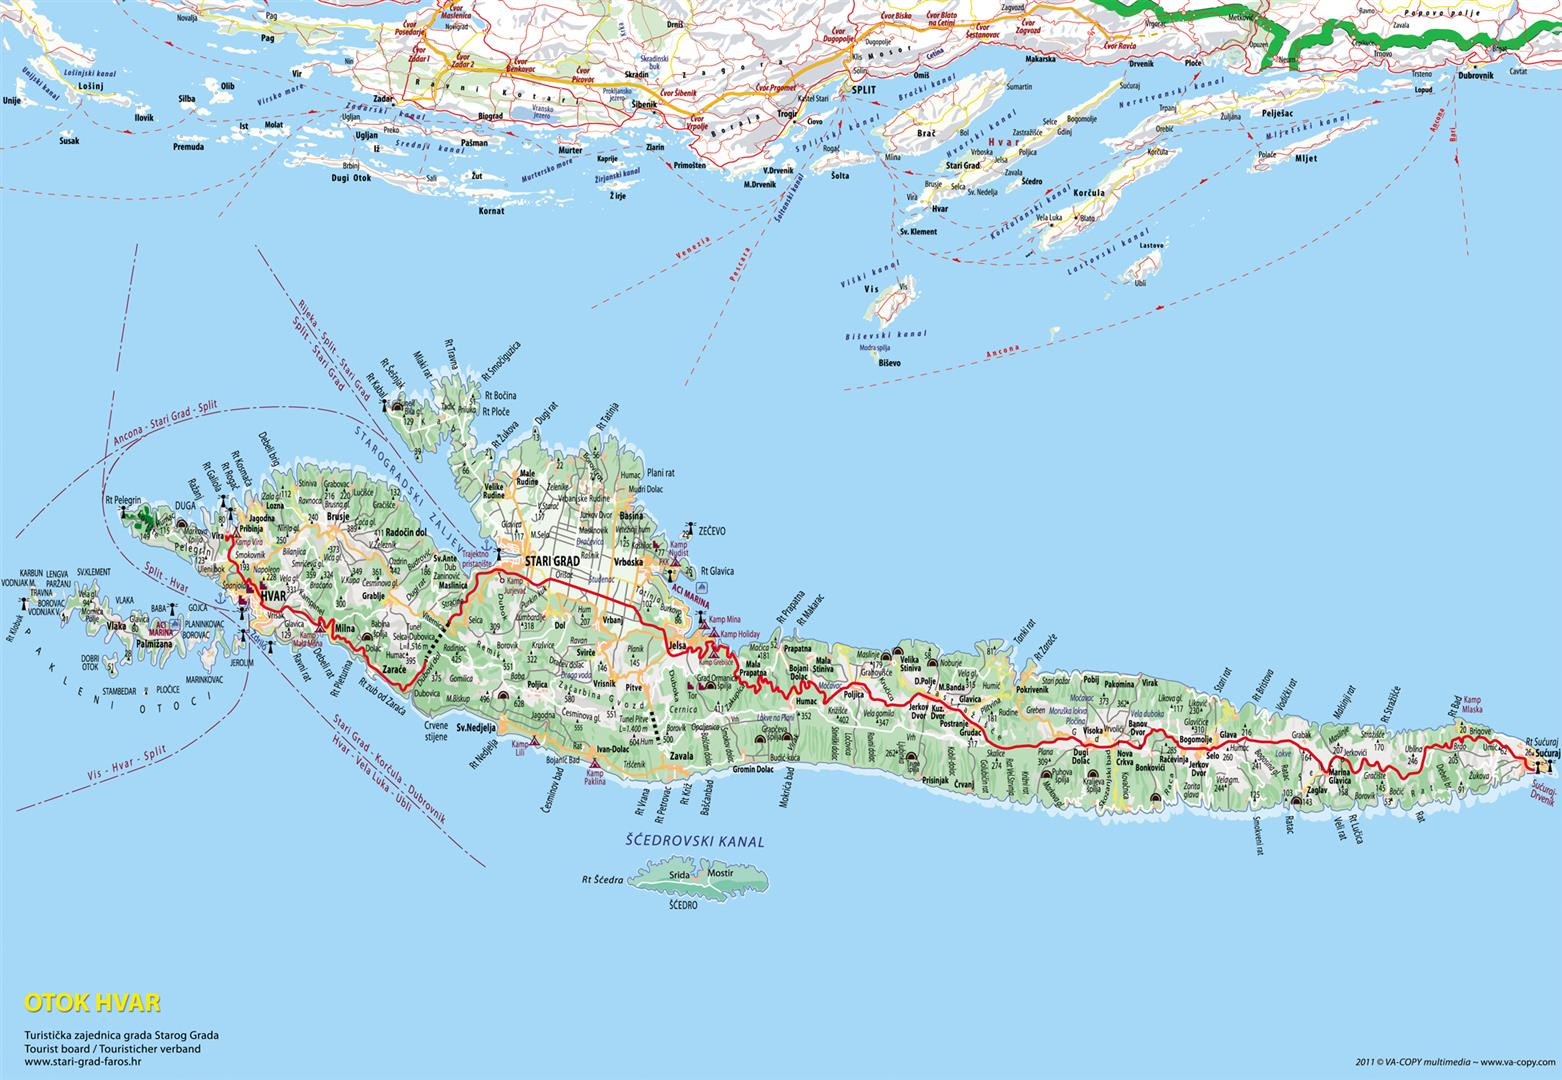 kroatien karte inseln Insel Hvar | Kroatien Reiseführer √   Kroati.de kroatien karte inseln